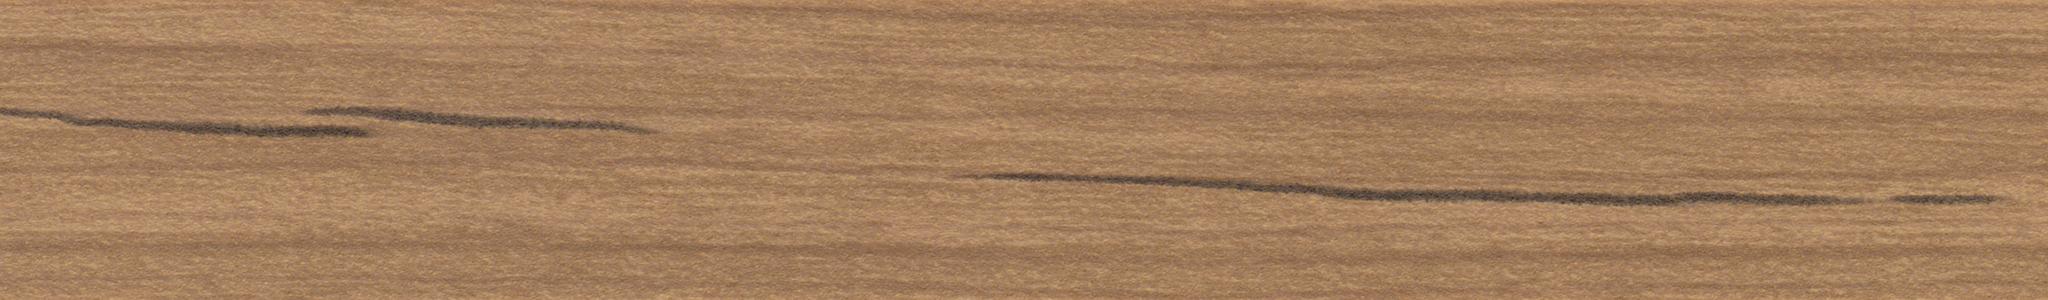 HD 223114 ABS hrana hruška Tirano perla